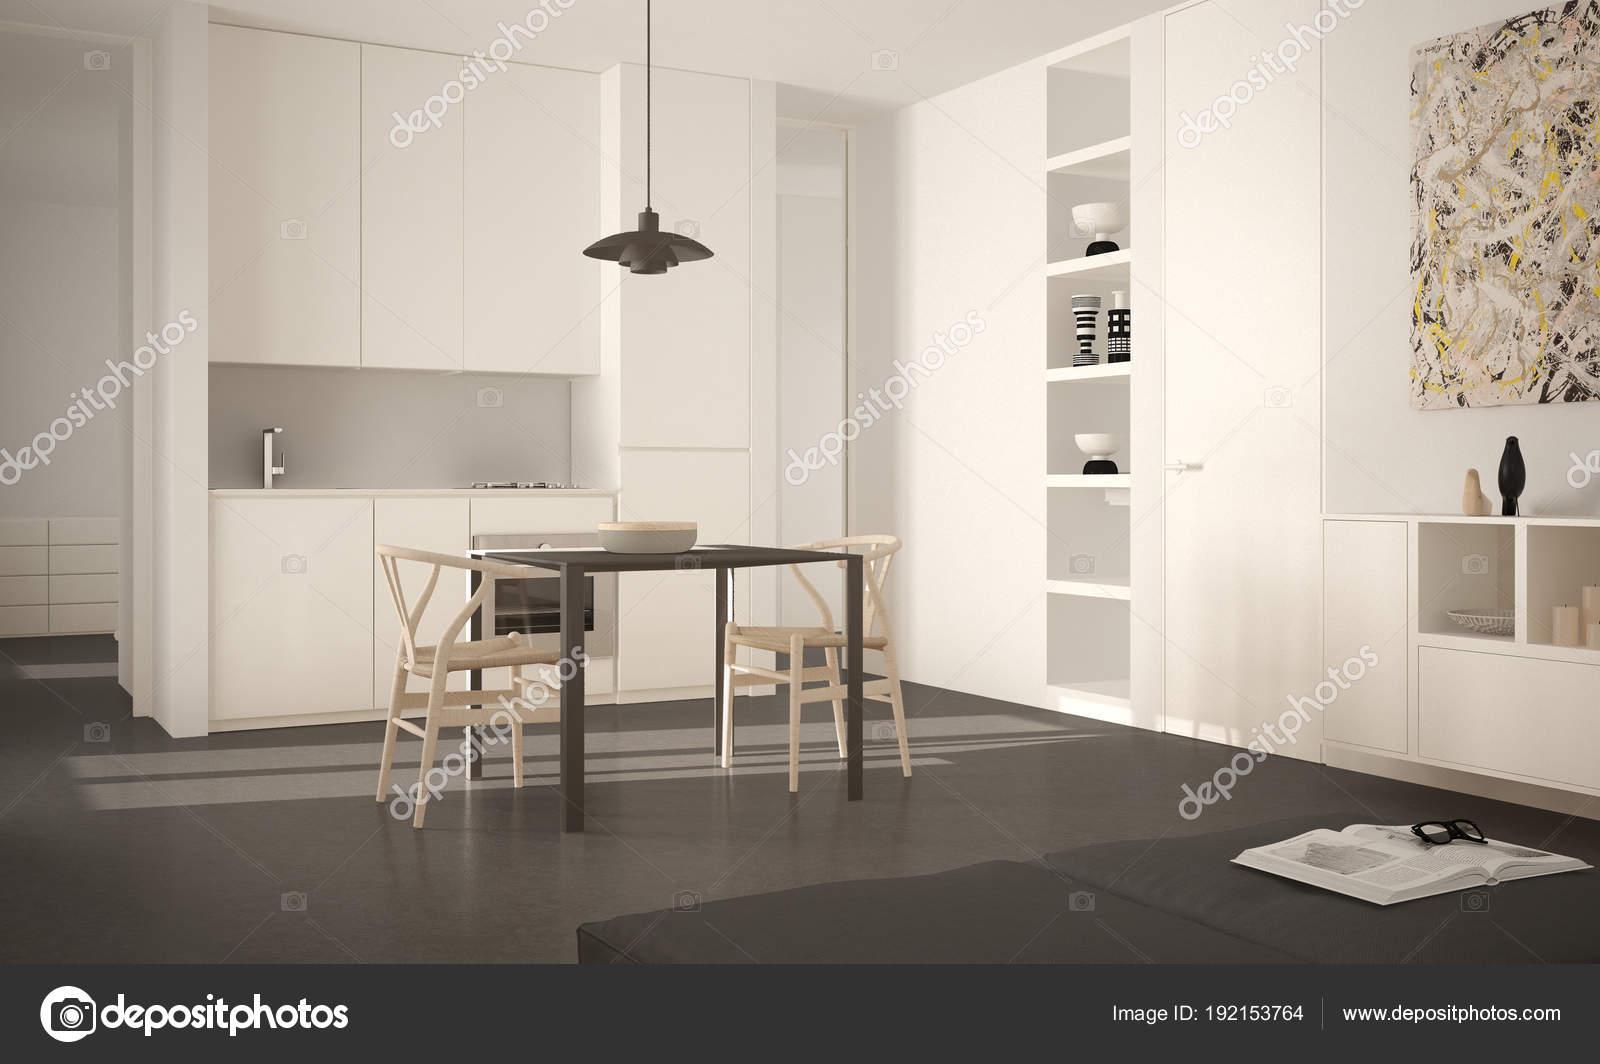 Moderne Witte Stoelen.Minimalistische Moderne Lichte Keuken Met Eettafel En Stoelen Grote